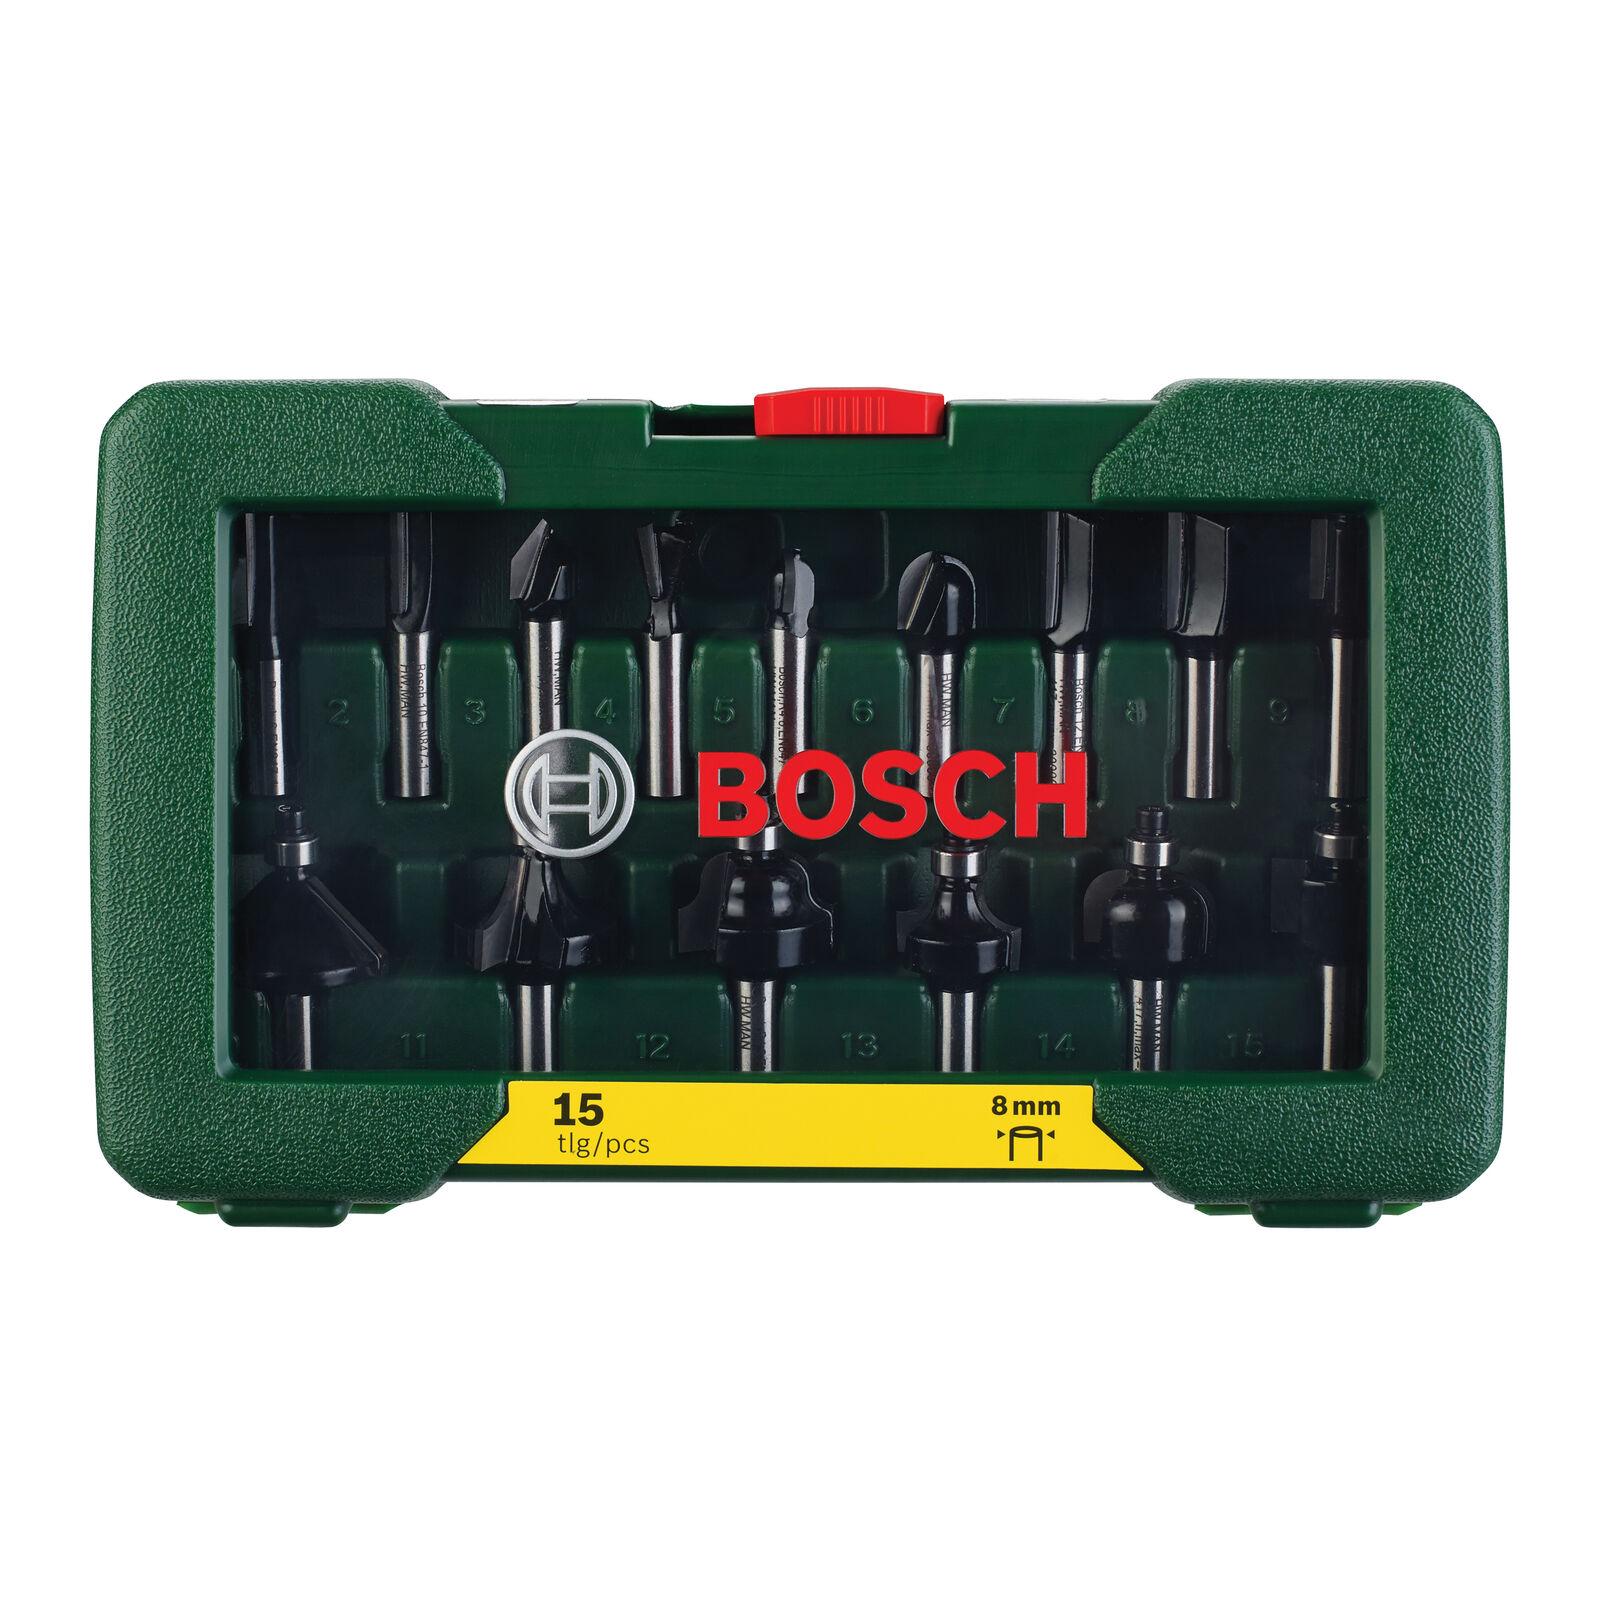 Bosch HM-Fräser-Set 15-teilig mit 8 mm Schaft 2607019469